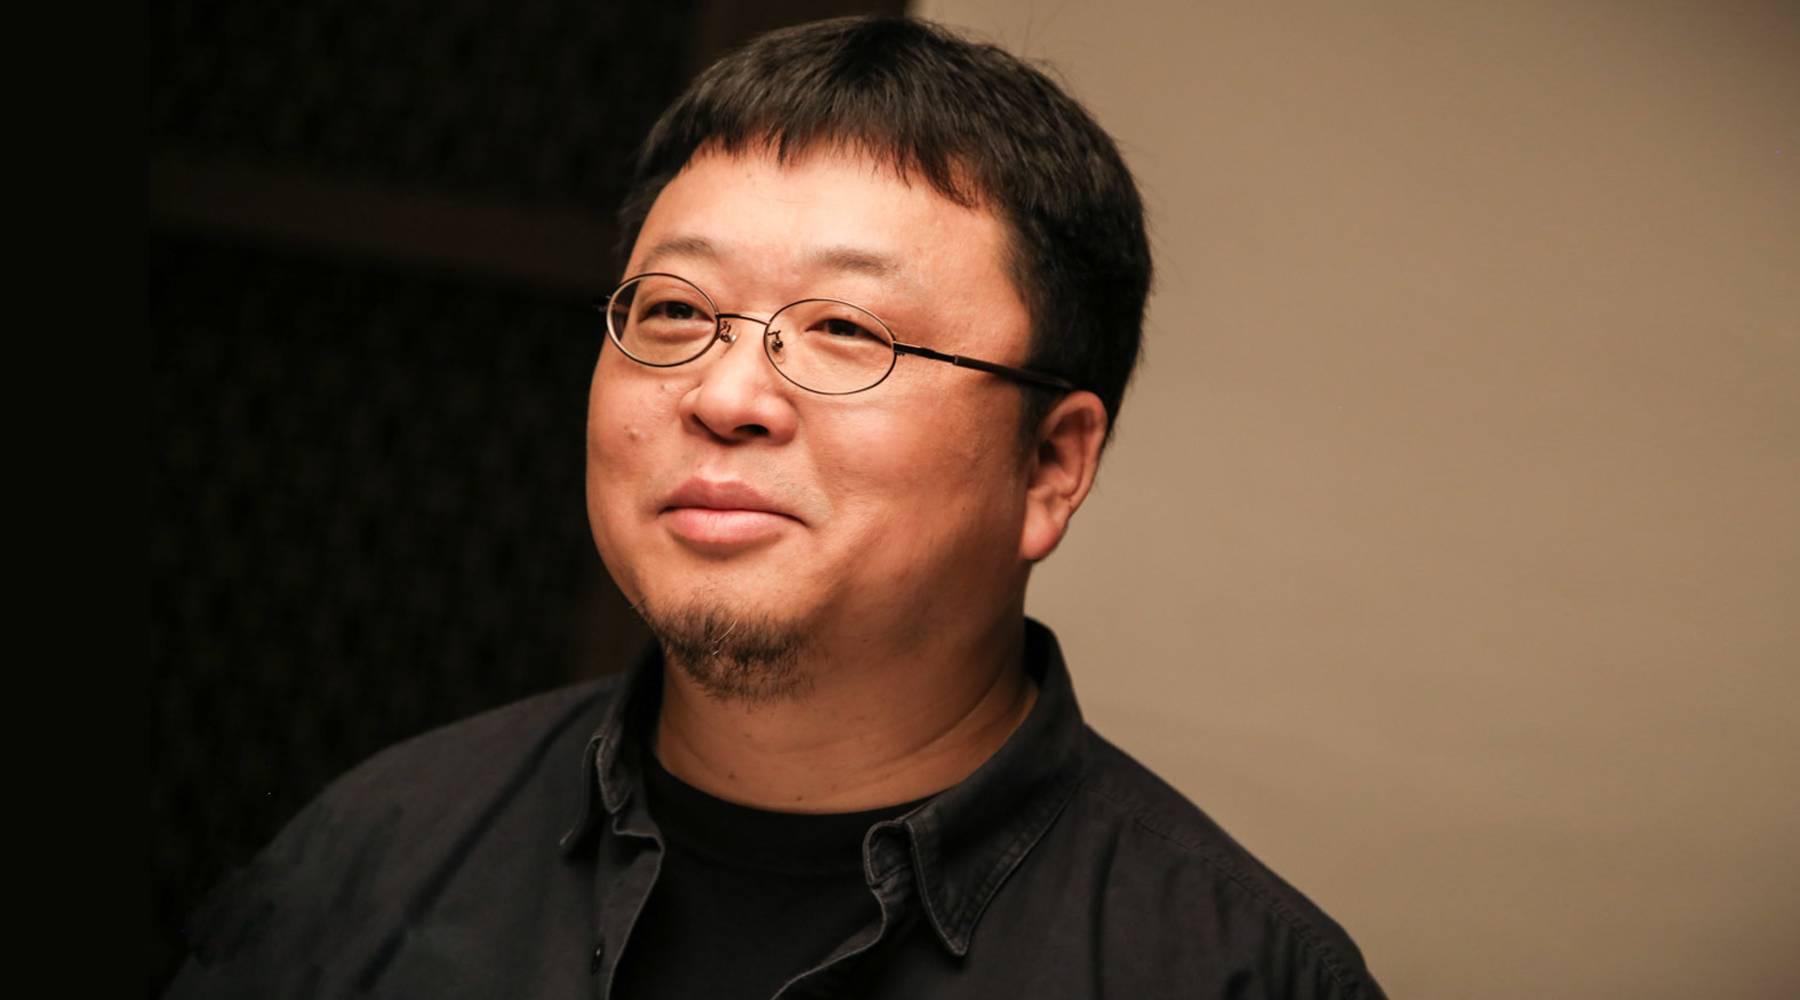 赵薇事件牵扯甚广,罗永浩10年亲日身份浮出水面,高晓松作品下架